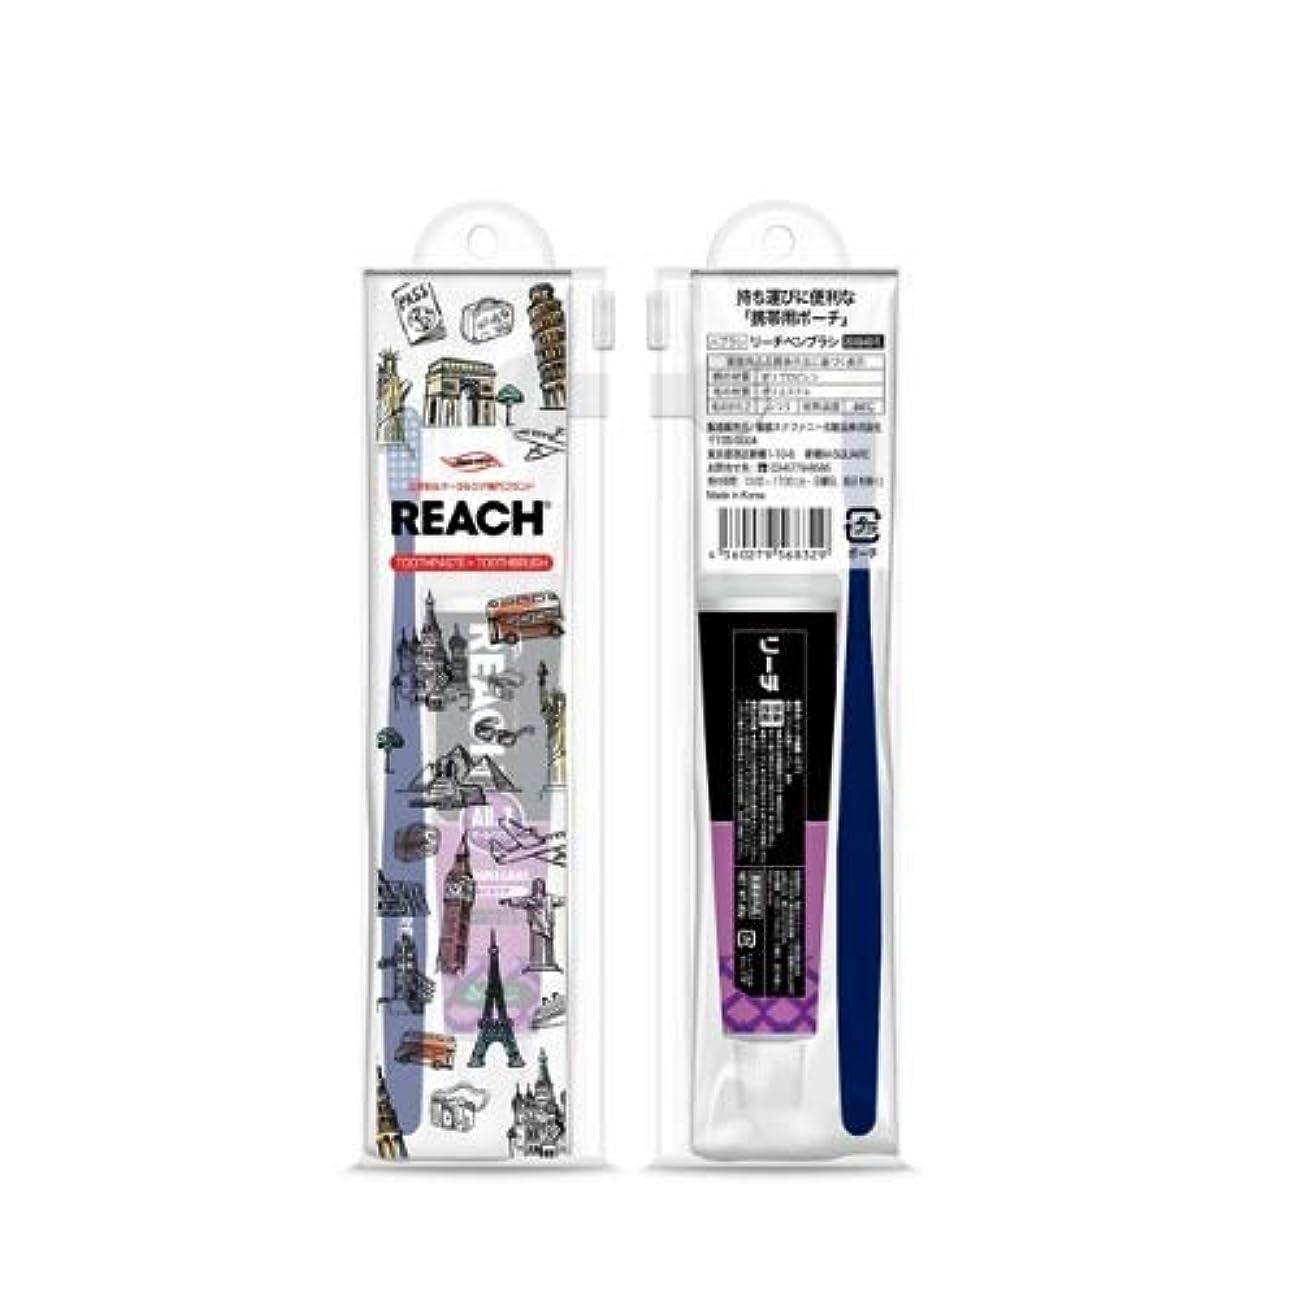 適格グリル醜いリーチトラベルセット(デンタル歯ブラシ1本?薬用歯みがき40g) × 72個セット